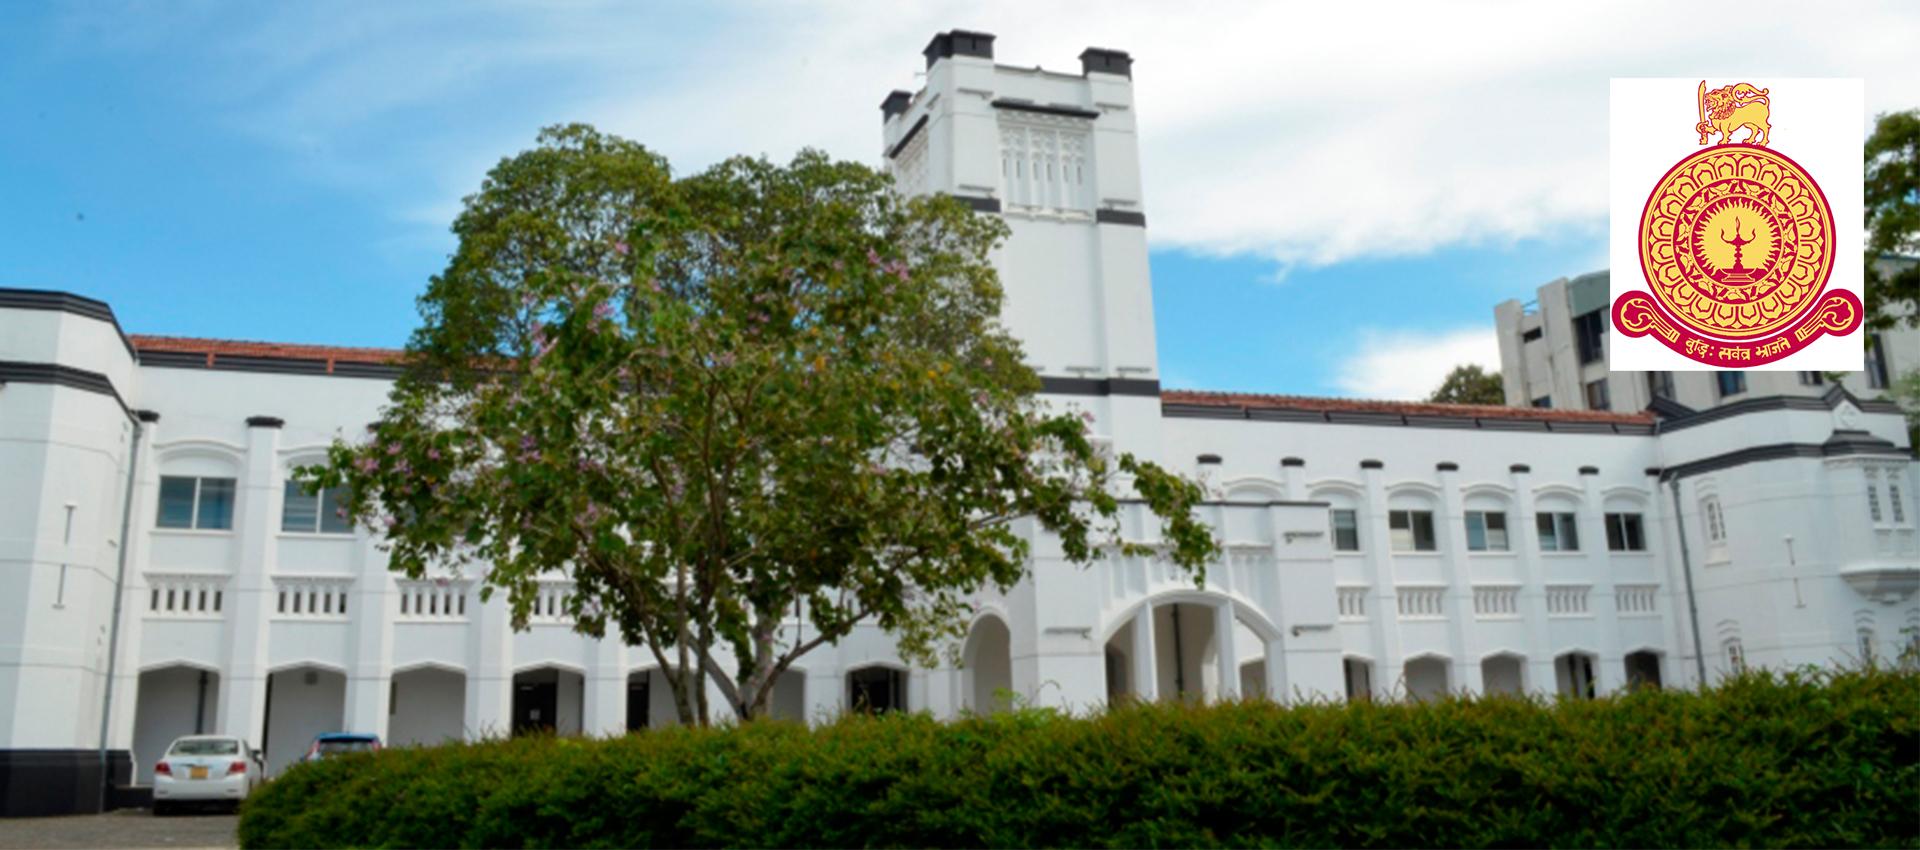 Yesman.lk - Cover Image - University of Colombo